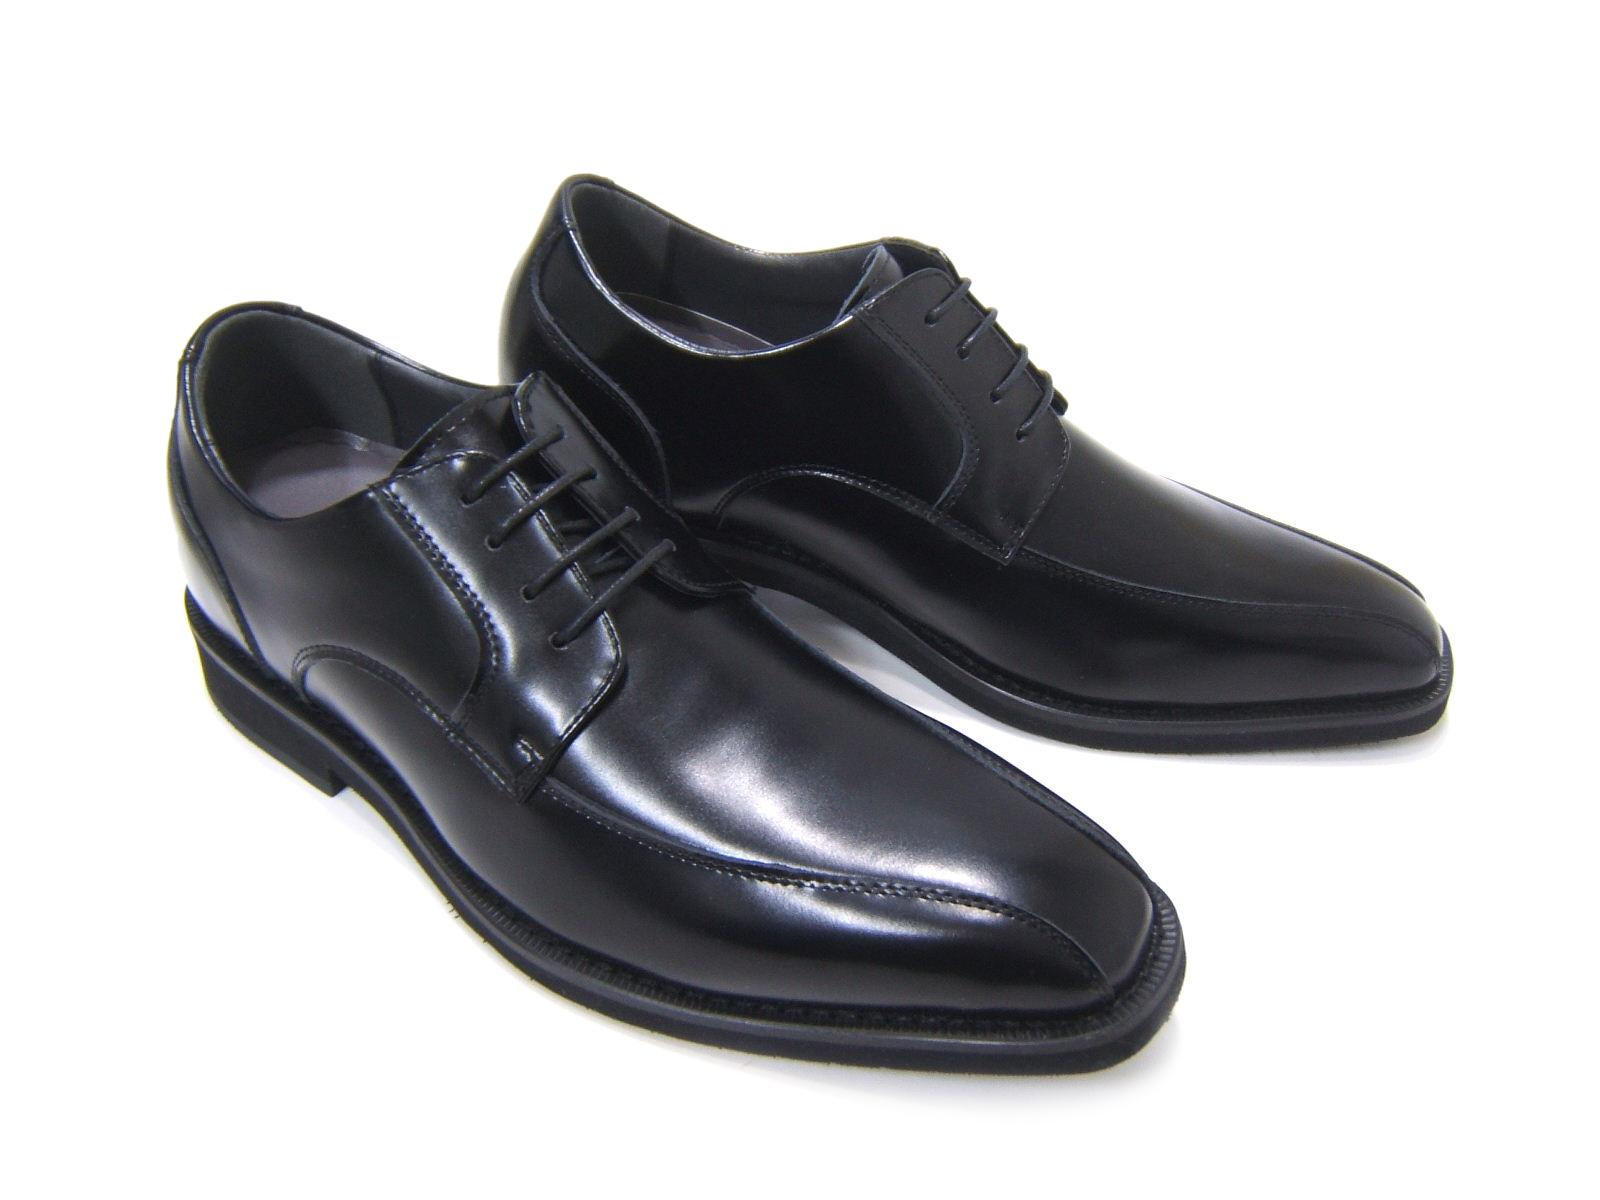 3cm+3cmのさり気ないシークレットシューズ♪Antiba Segreto/アンティバ セグレイト 紳士靴 シークレットブーツ 背が高くなる靴 ロングノーズ ビジネス 送料無料 ブラック